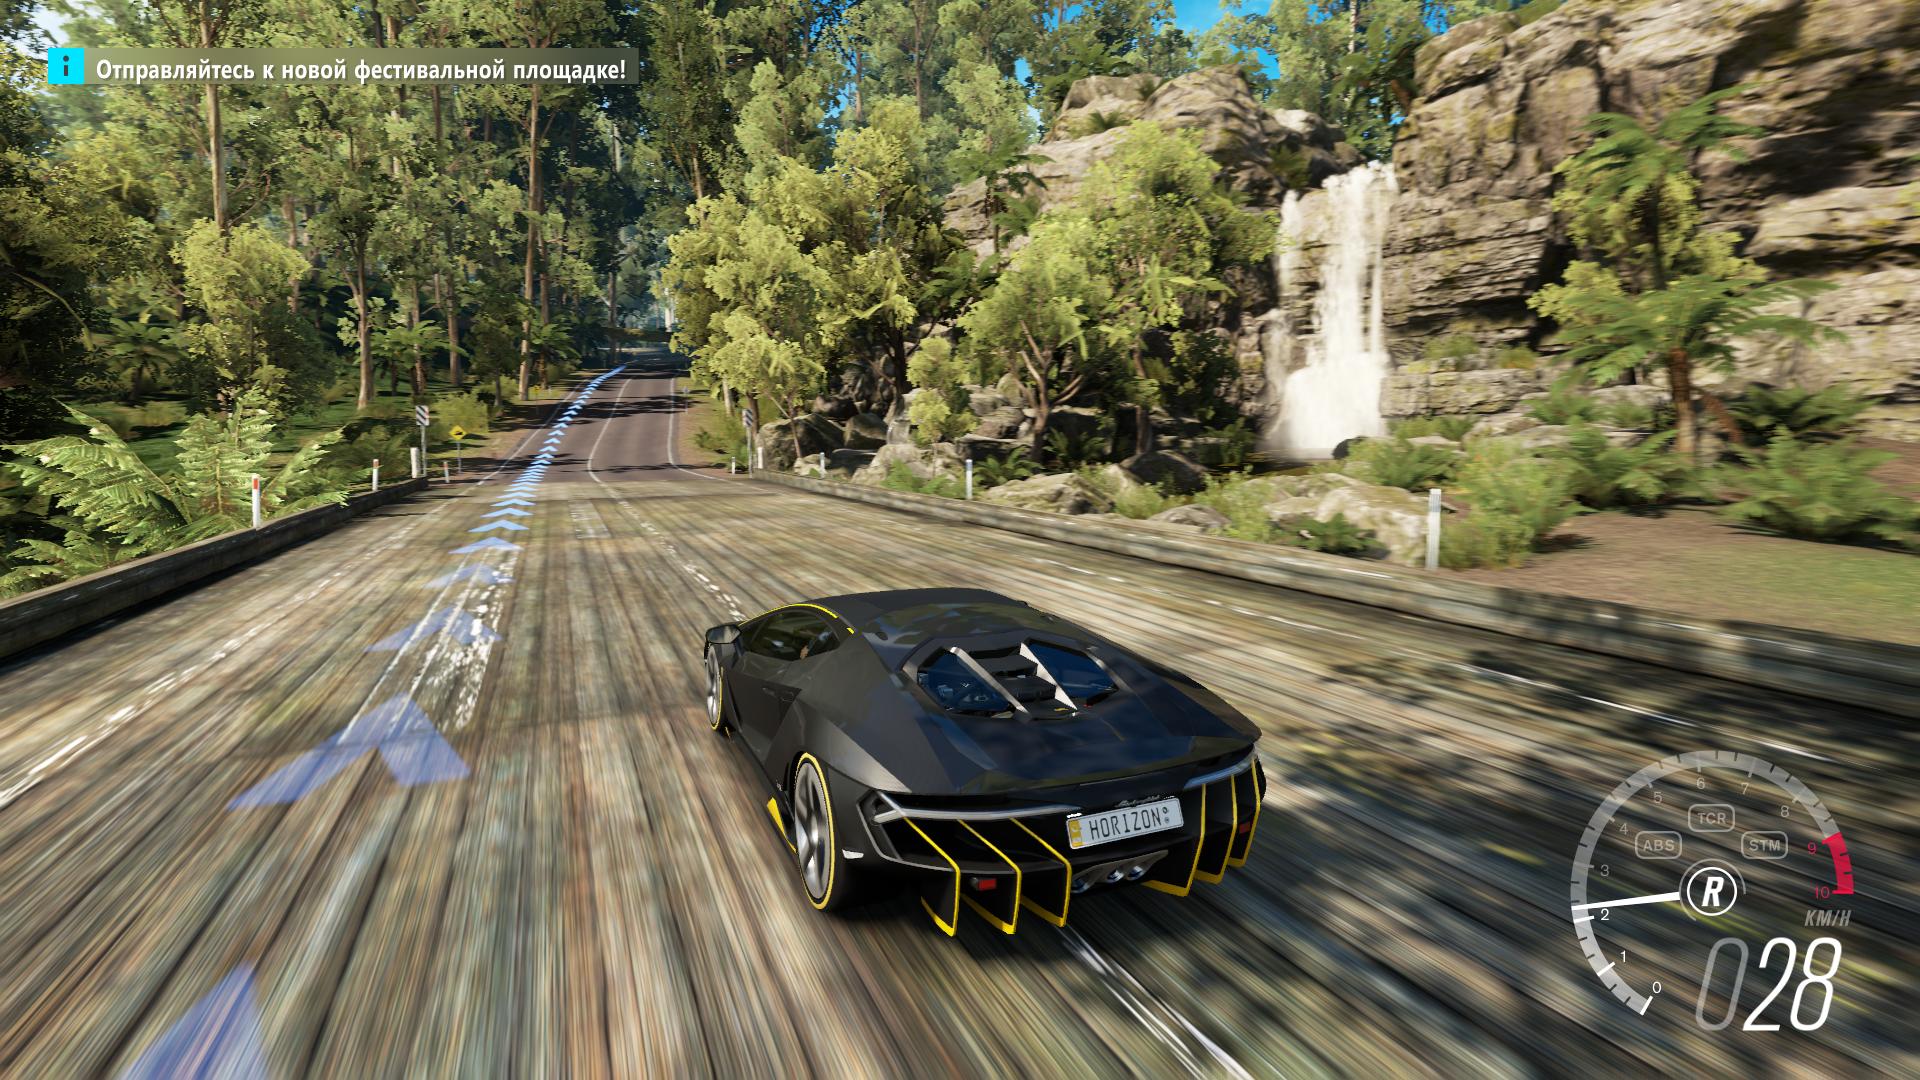 Мои первые впечатления от Demo Forza Horizon 3 - Изображение 10